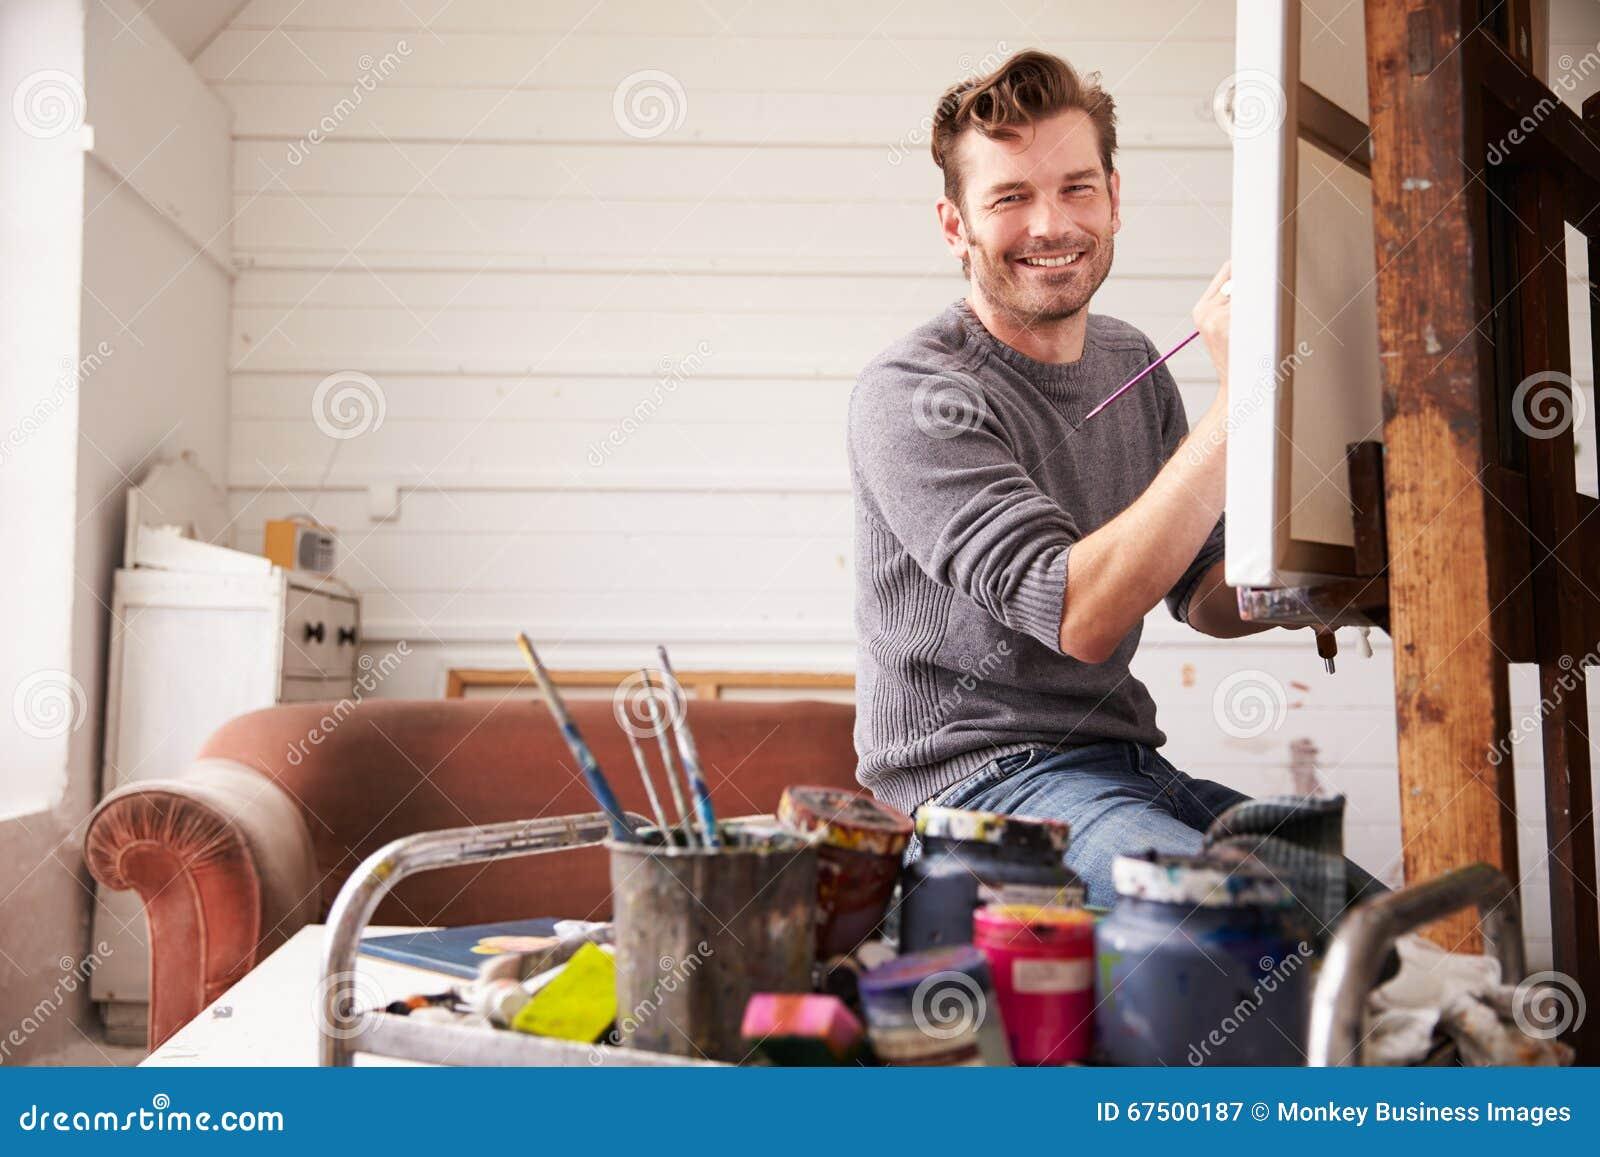 Portret van Mannelijke Kunstenaar Working On Painting in Studio